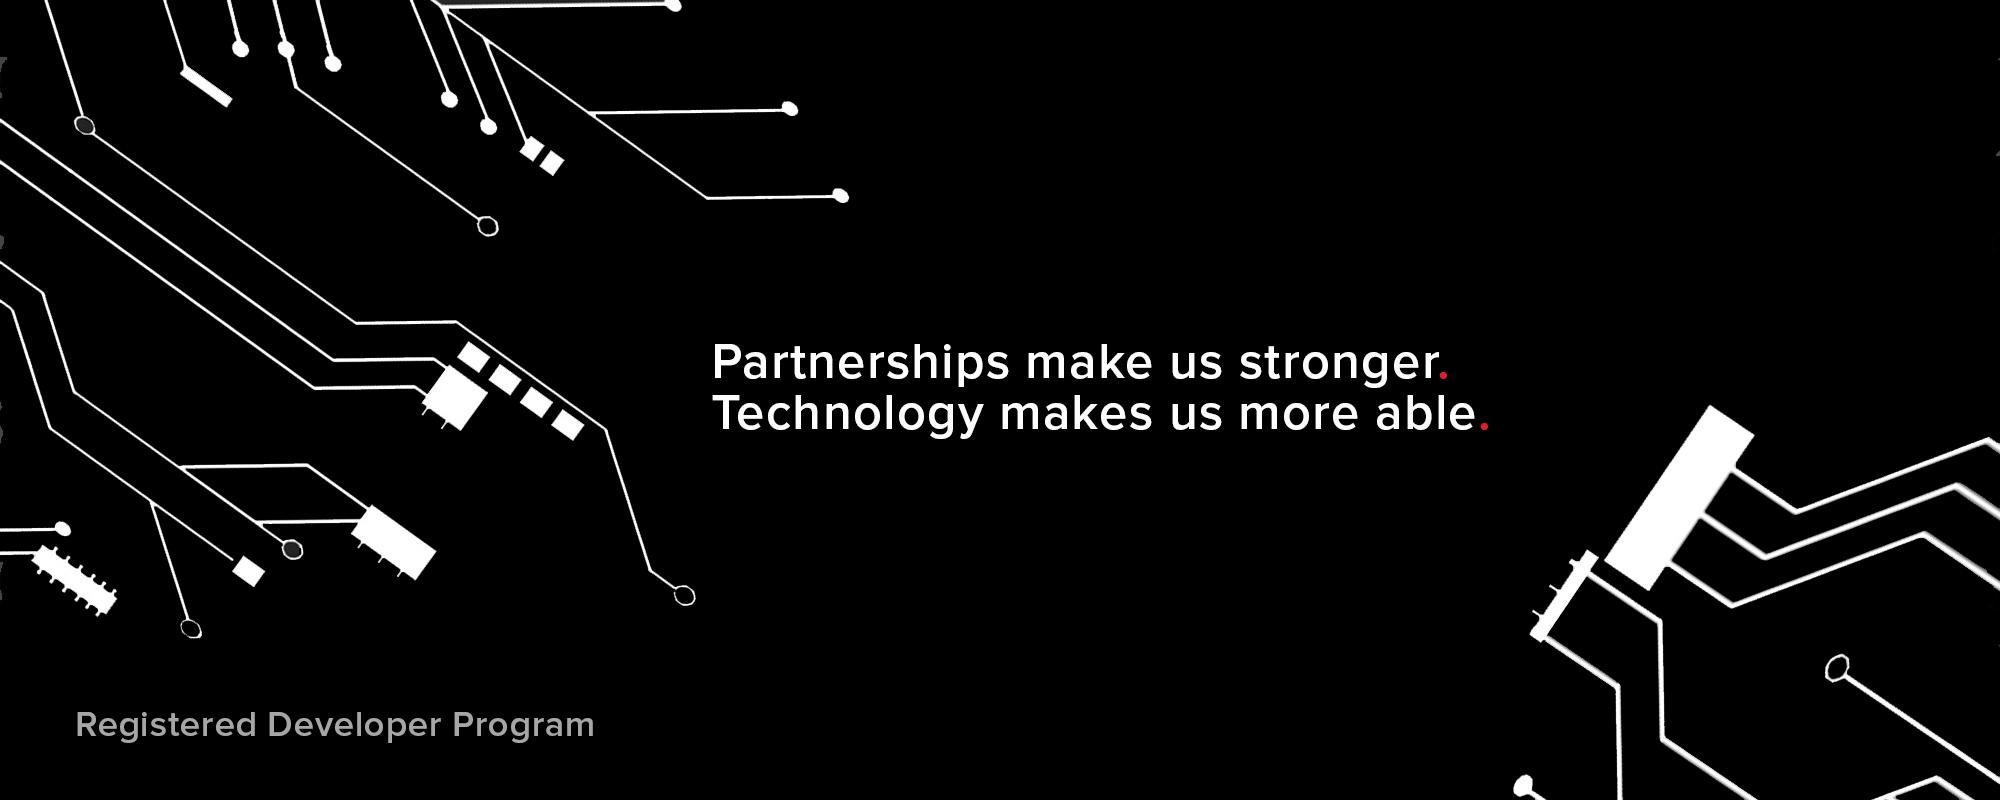 Partnerships make us stronger. Technology makes up more able. Registered Developer Program